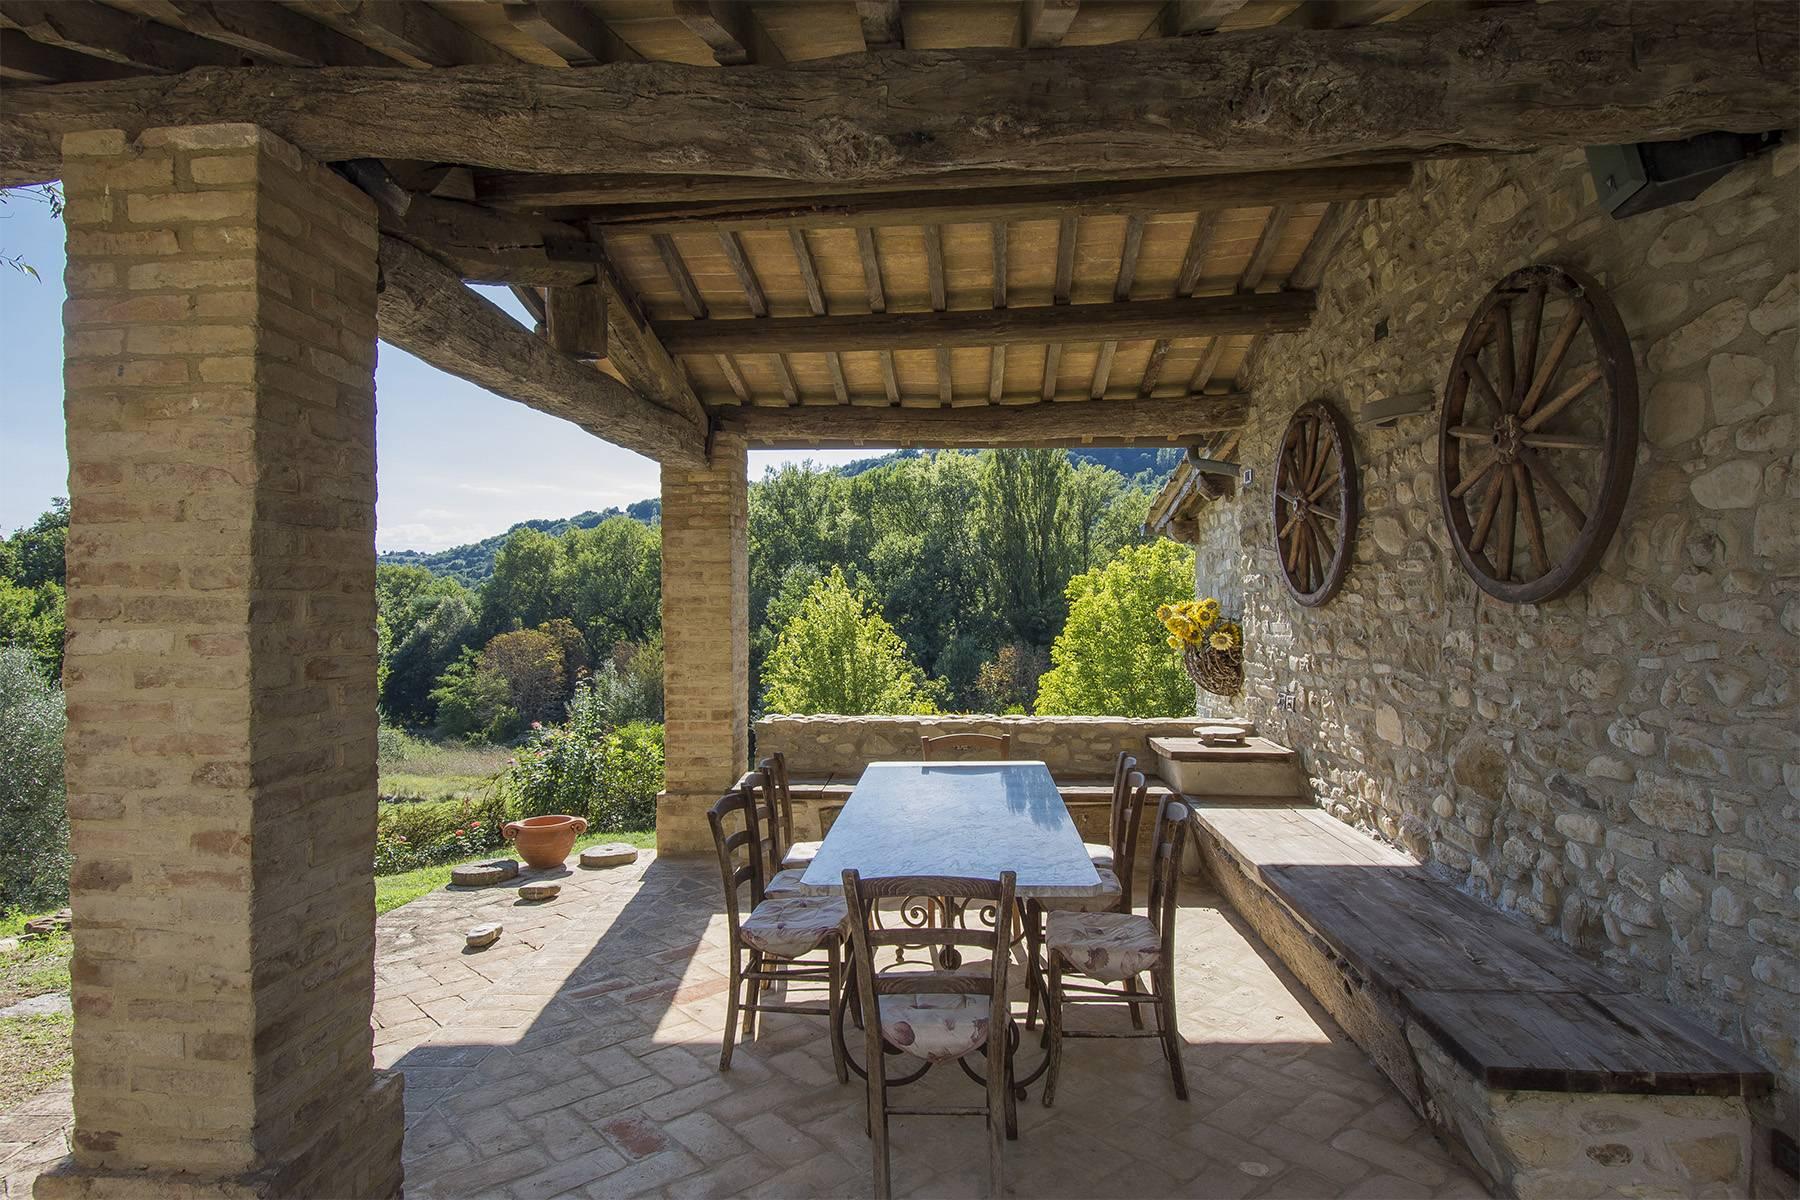 Rustico in Vendita a Montone: 5 locali, 700 mq - Foto 14